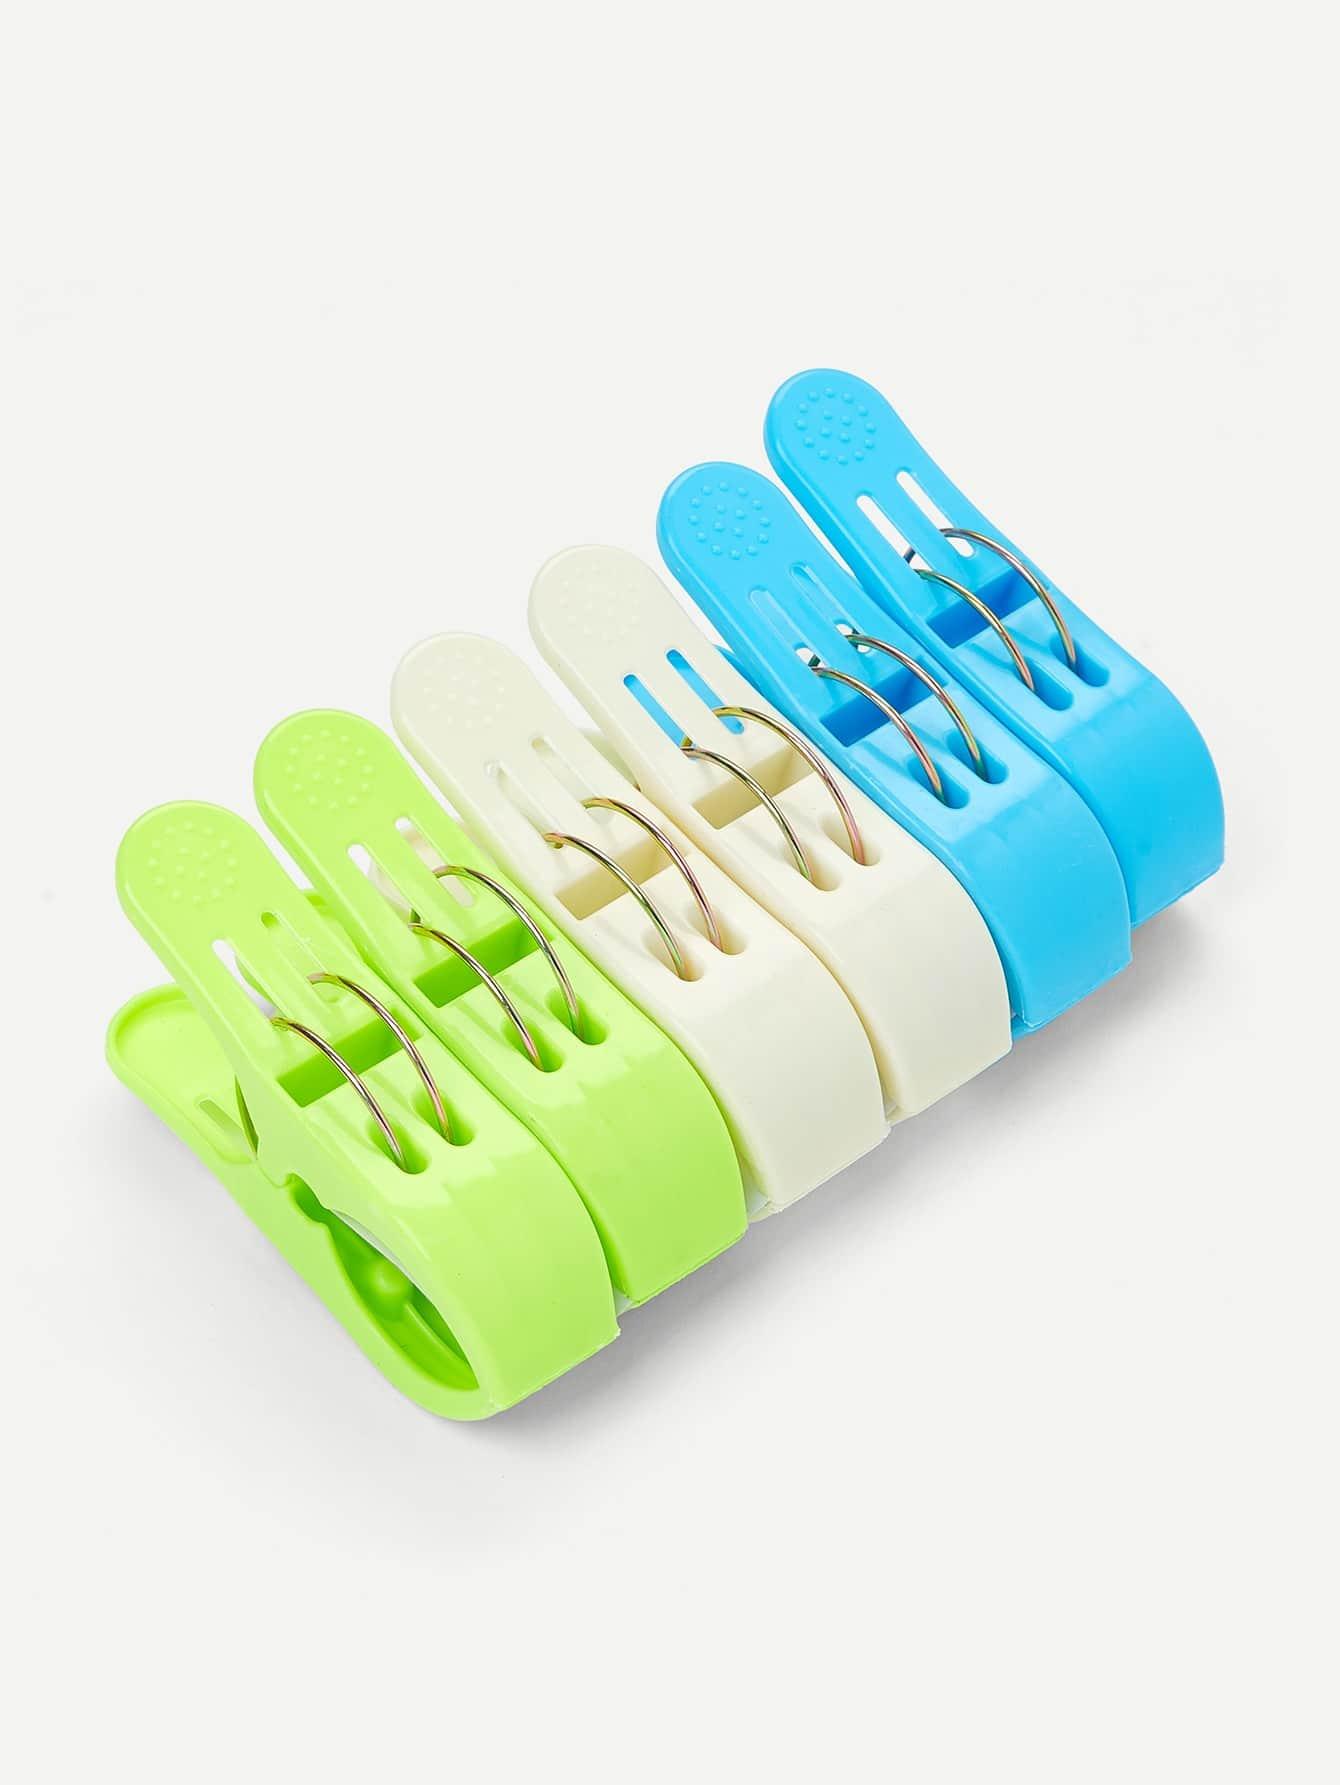 Купить Пластиковый набор для скотча большого размера, null, SheIn